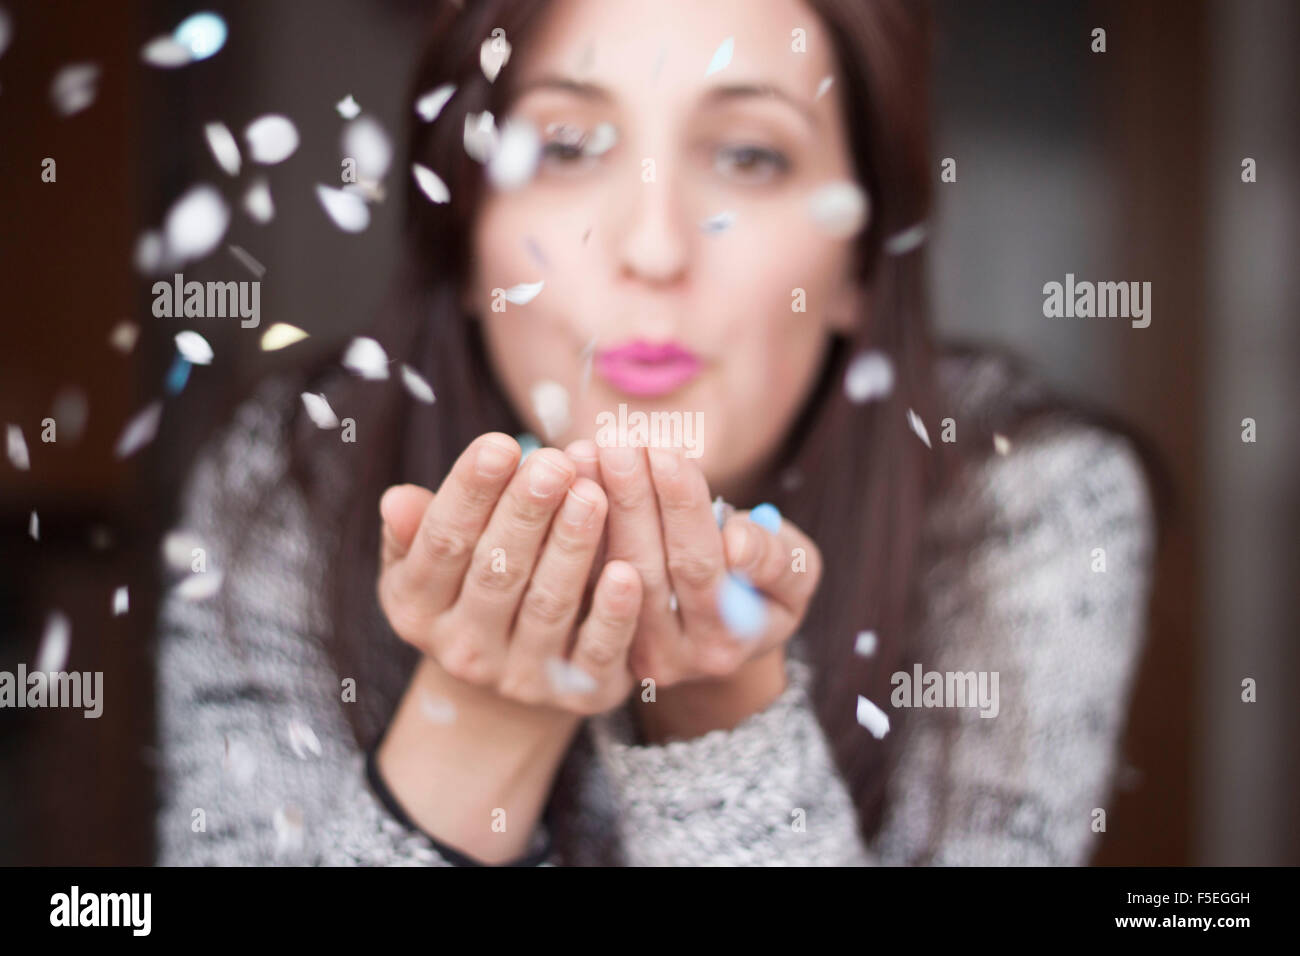 Woman blowing confetti dans ses mains Banque D'Images